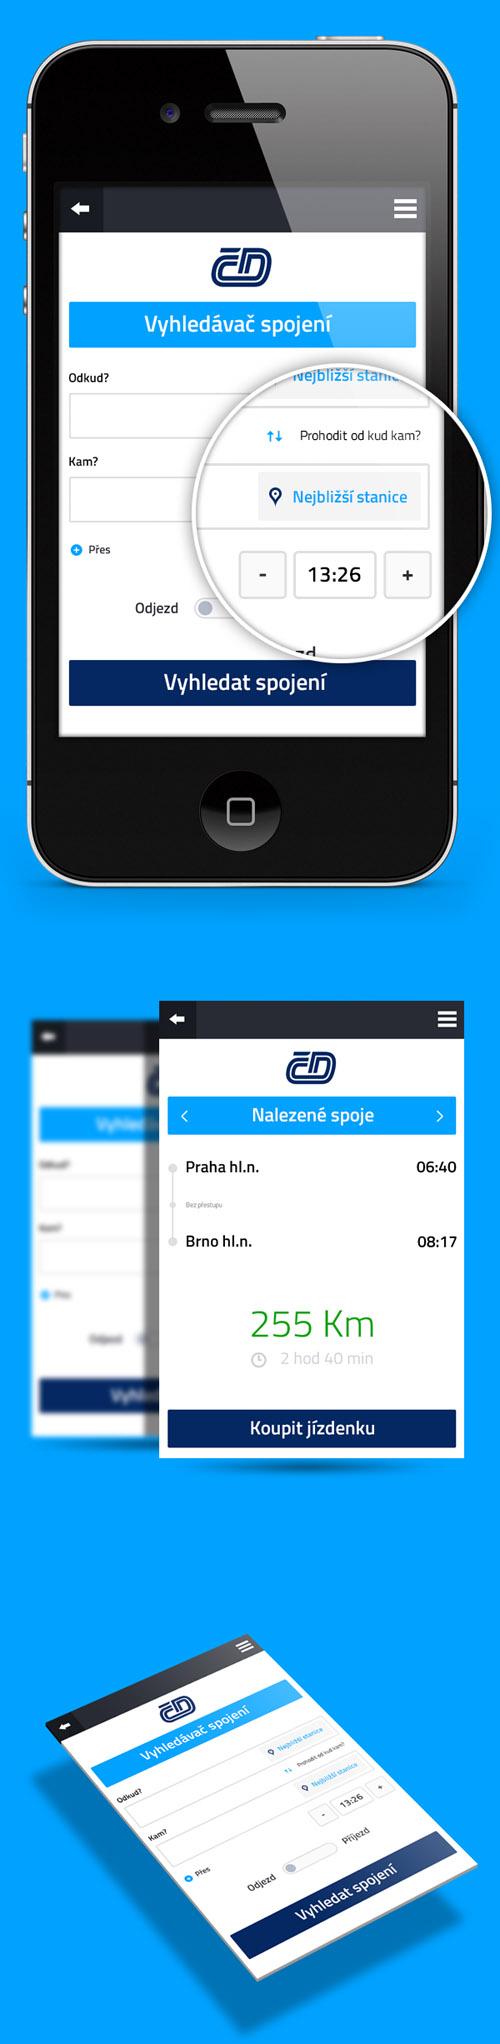 推荐!50套用户体验极佳的移动UI赏析